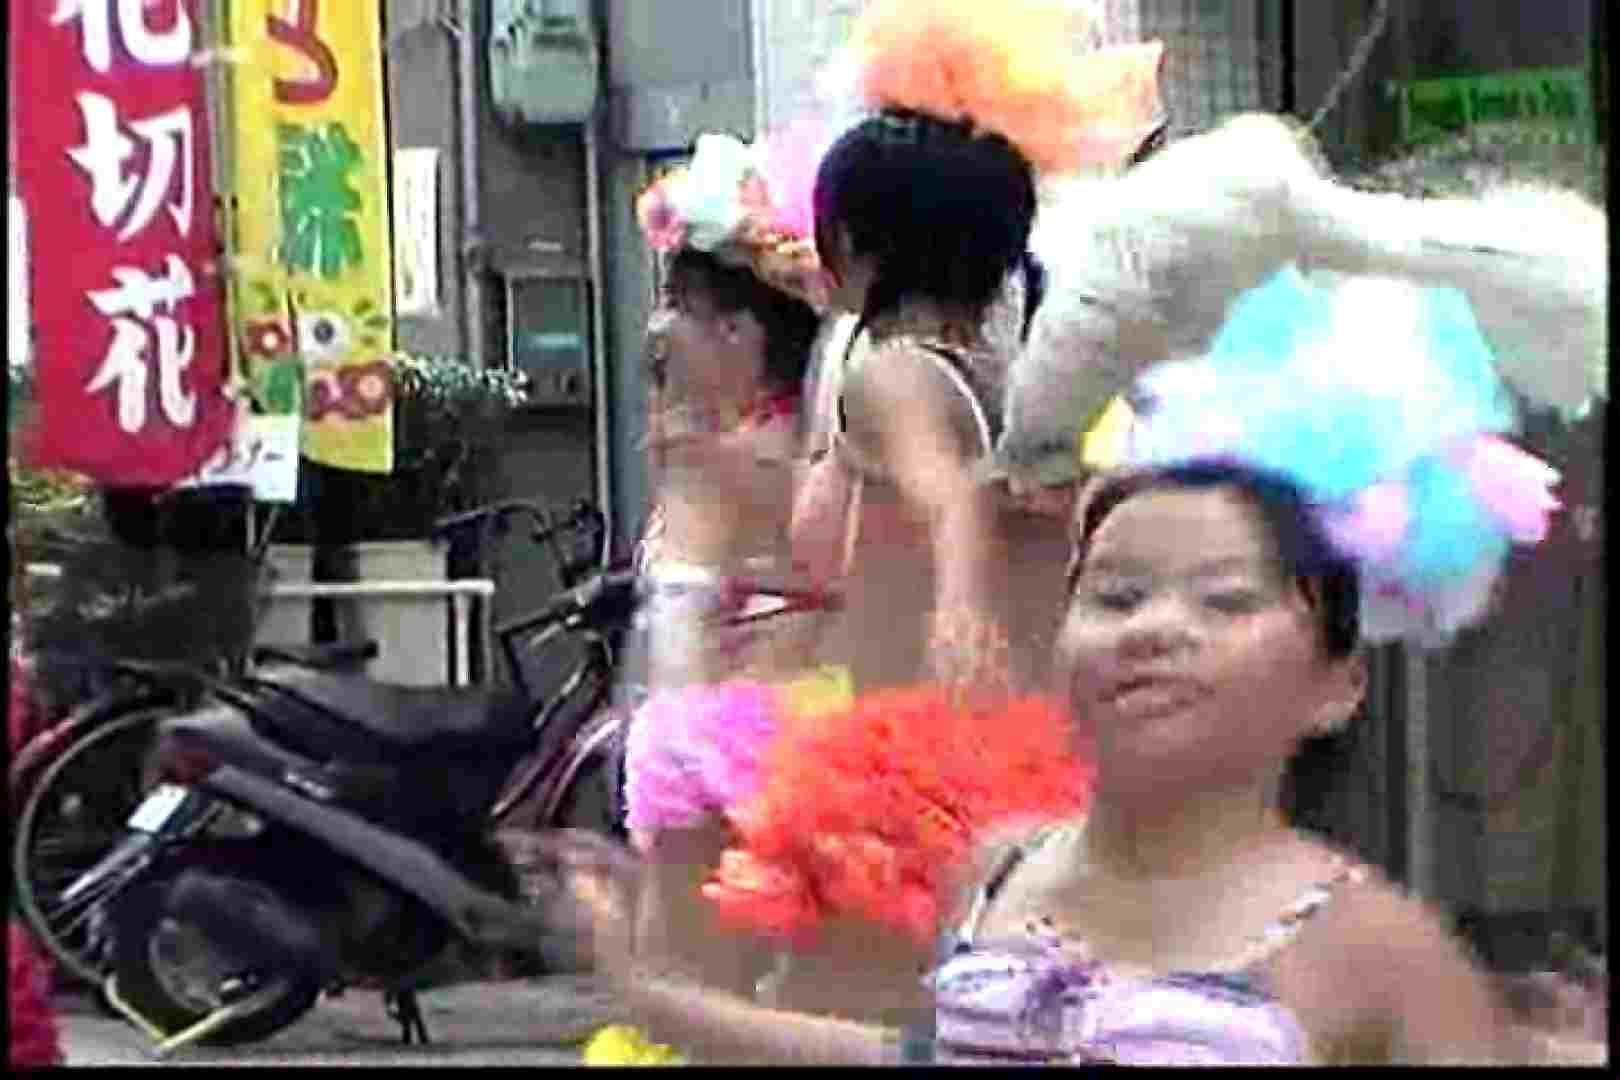 狂乱のサンバカーニバルVol.4 ギャルエロ画像 AV無料動画キャプチャ 113PICs 11